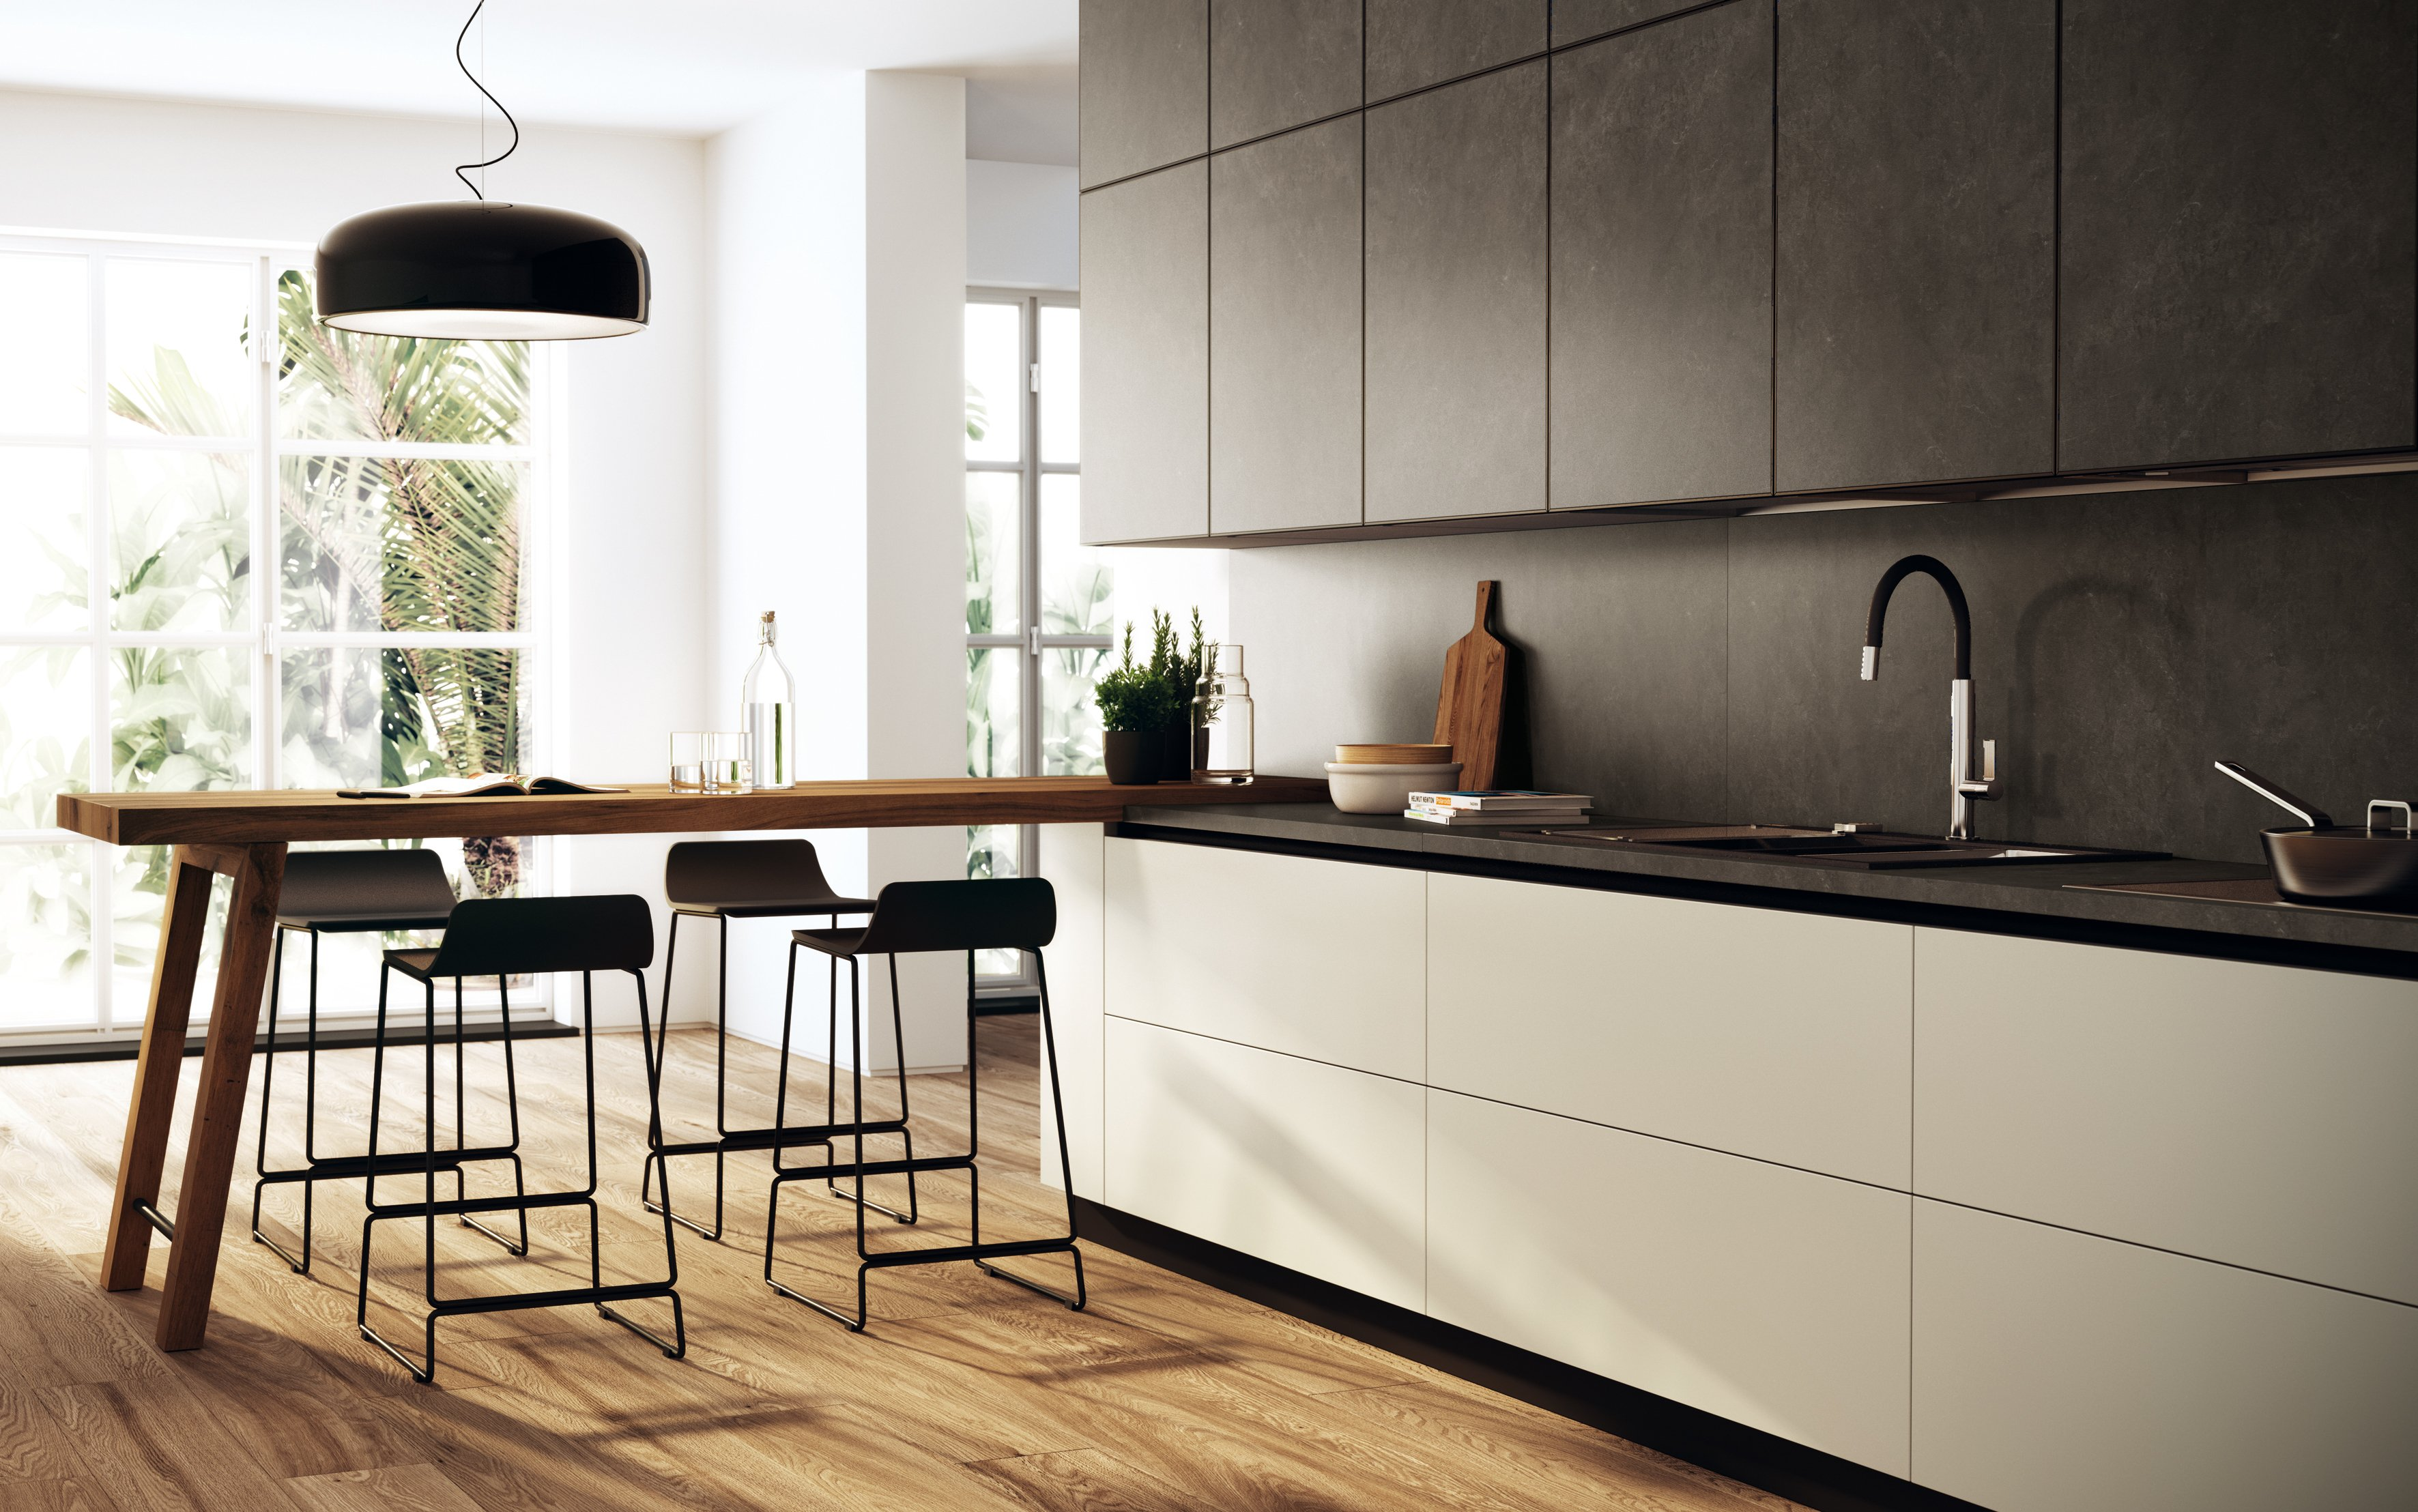 In cucina materiali protagonisti cose di casa - Cucina senza piastrelle ...